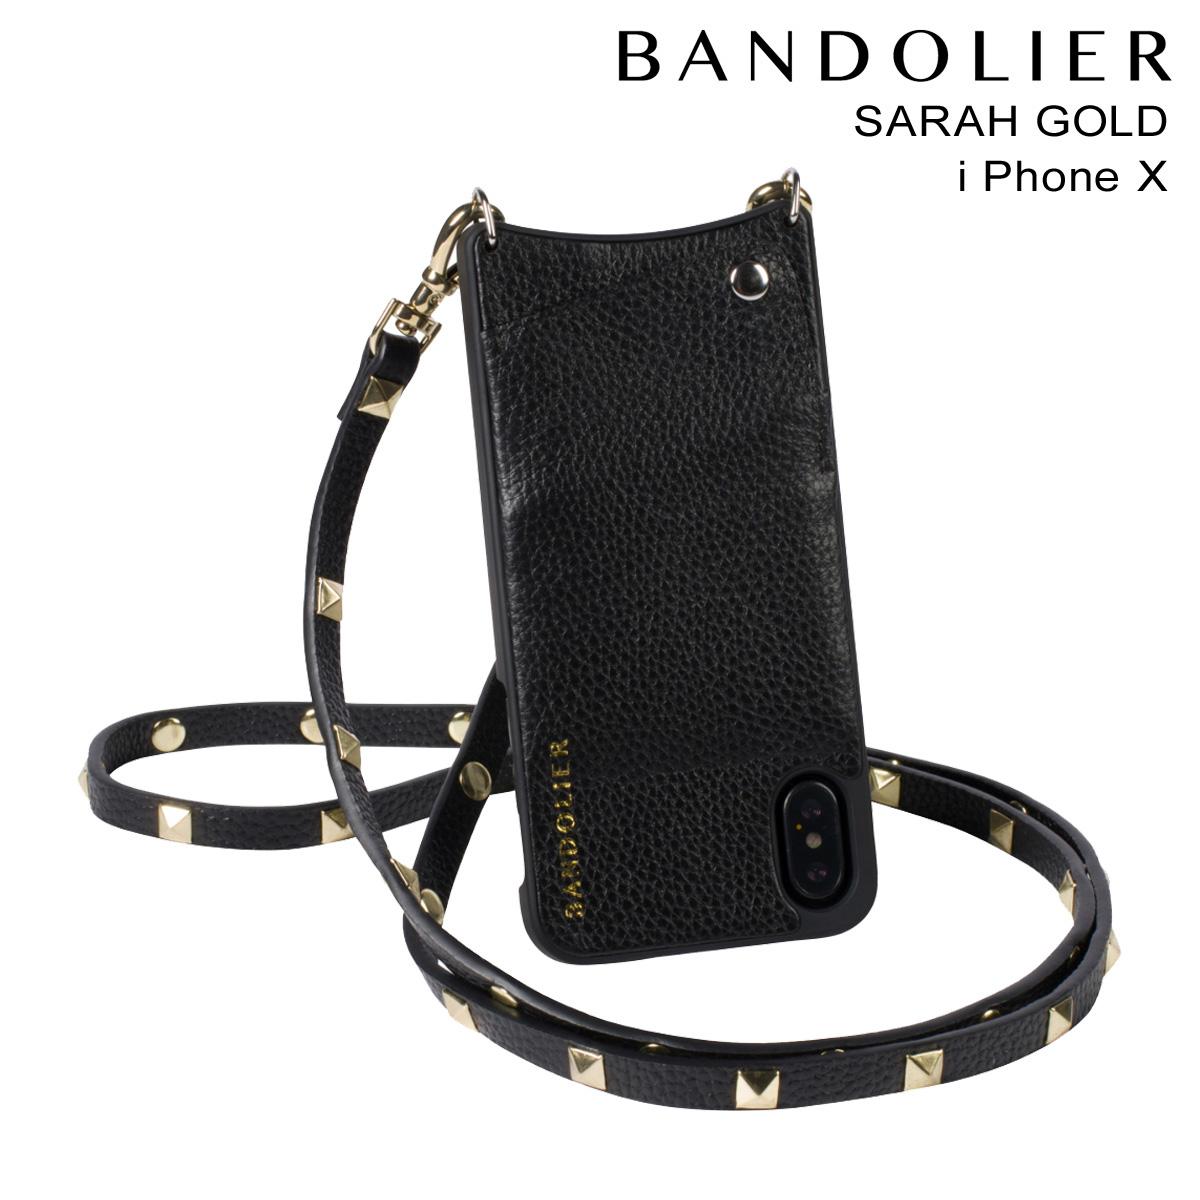 BANDOLIER バンドリヤー iPhone X ケース スマホ 携帯 アイフォン SARAH GOLD レザー メンズ レディース